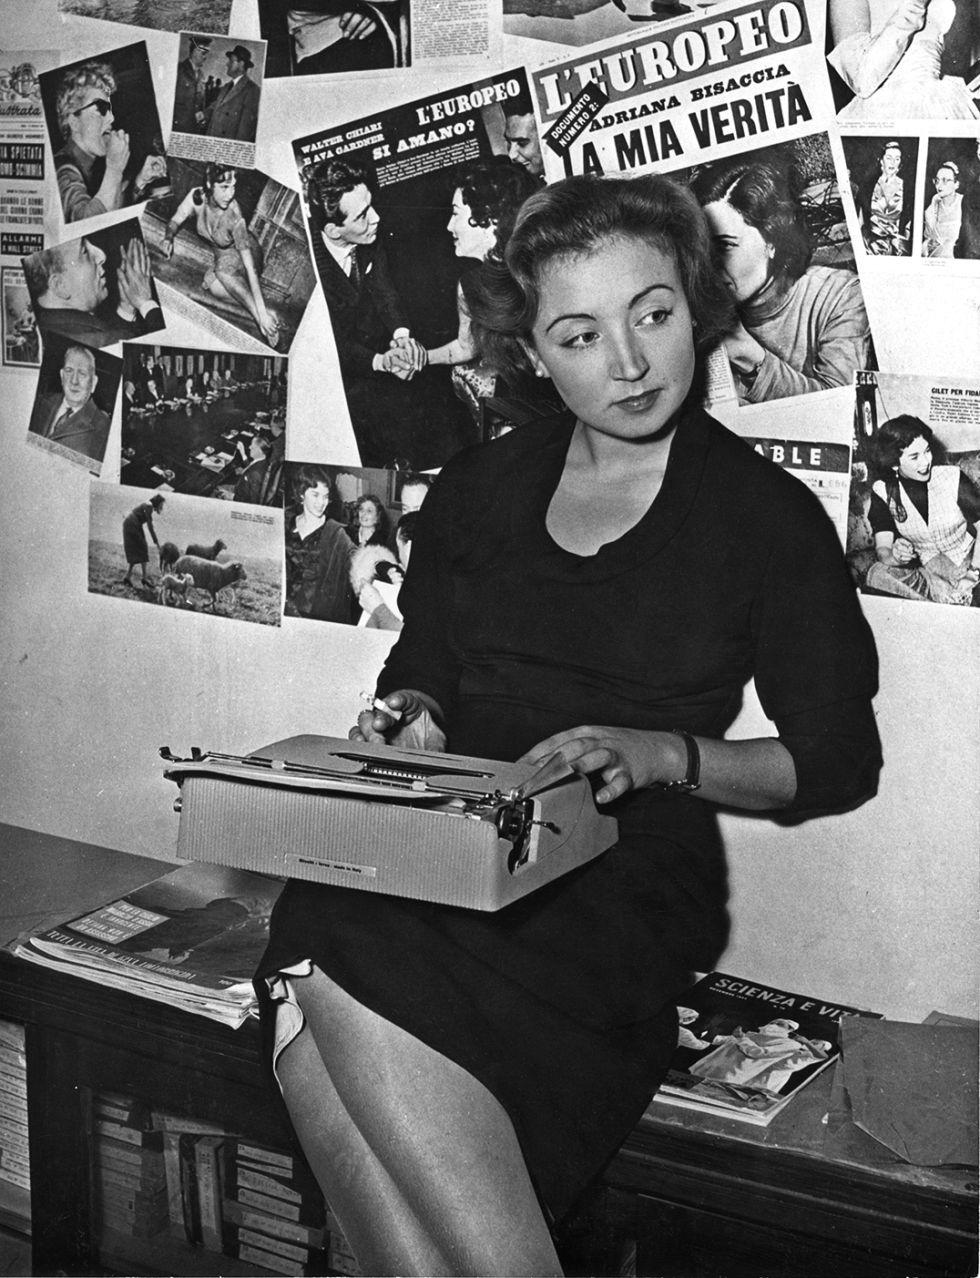 Fallaci, en la redacción del periódico 'L'Europeo' en 1955. / ED. AGUILAR